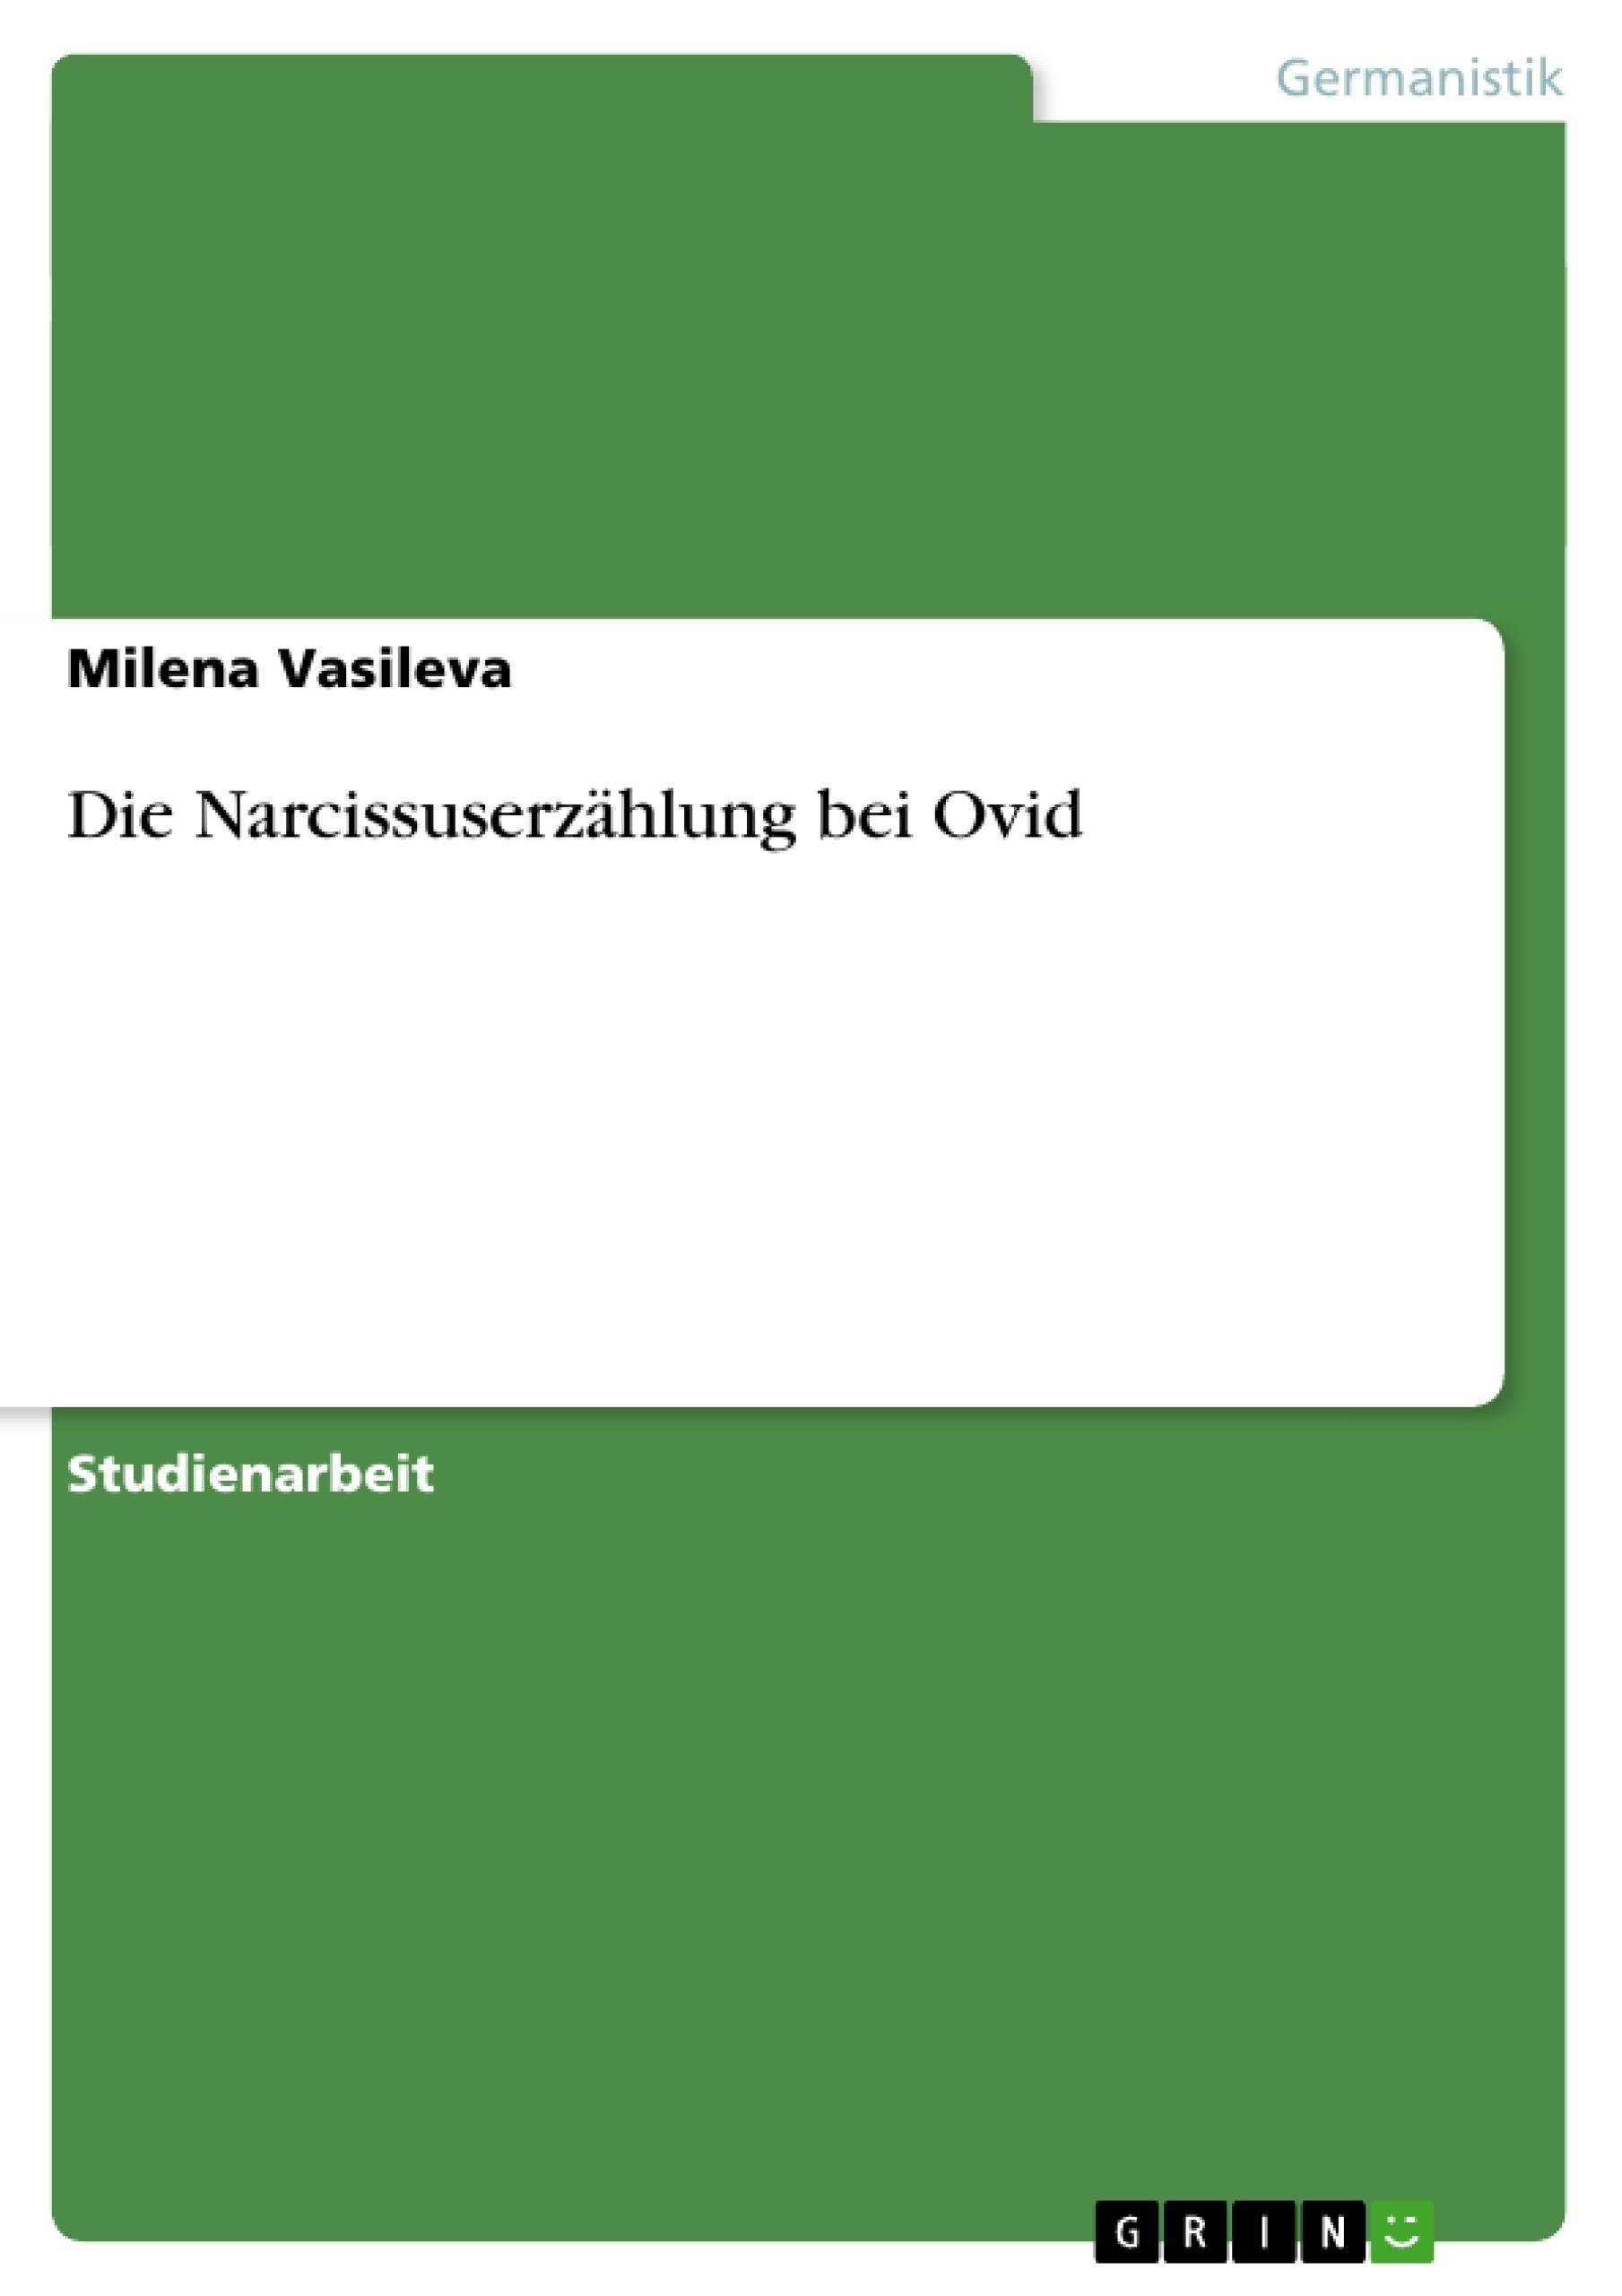 Titel: Die Narcissuserzählung bei Ovid